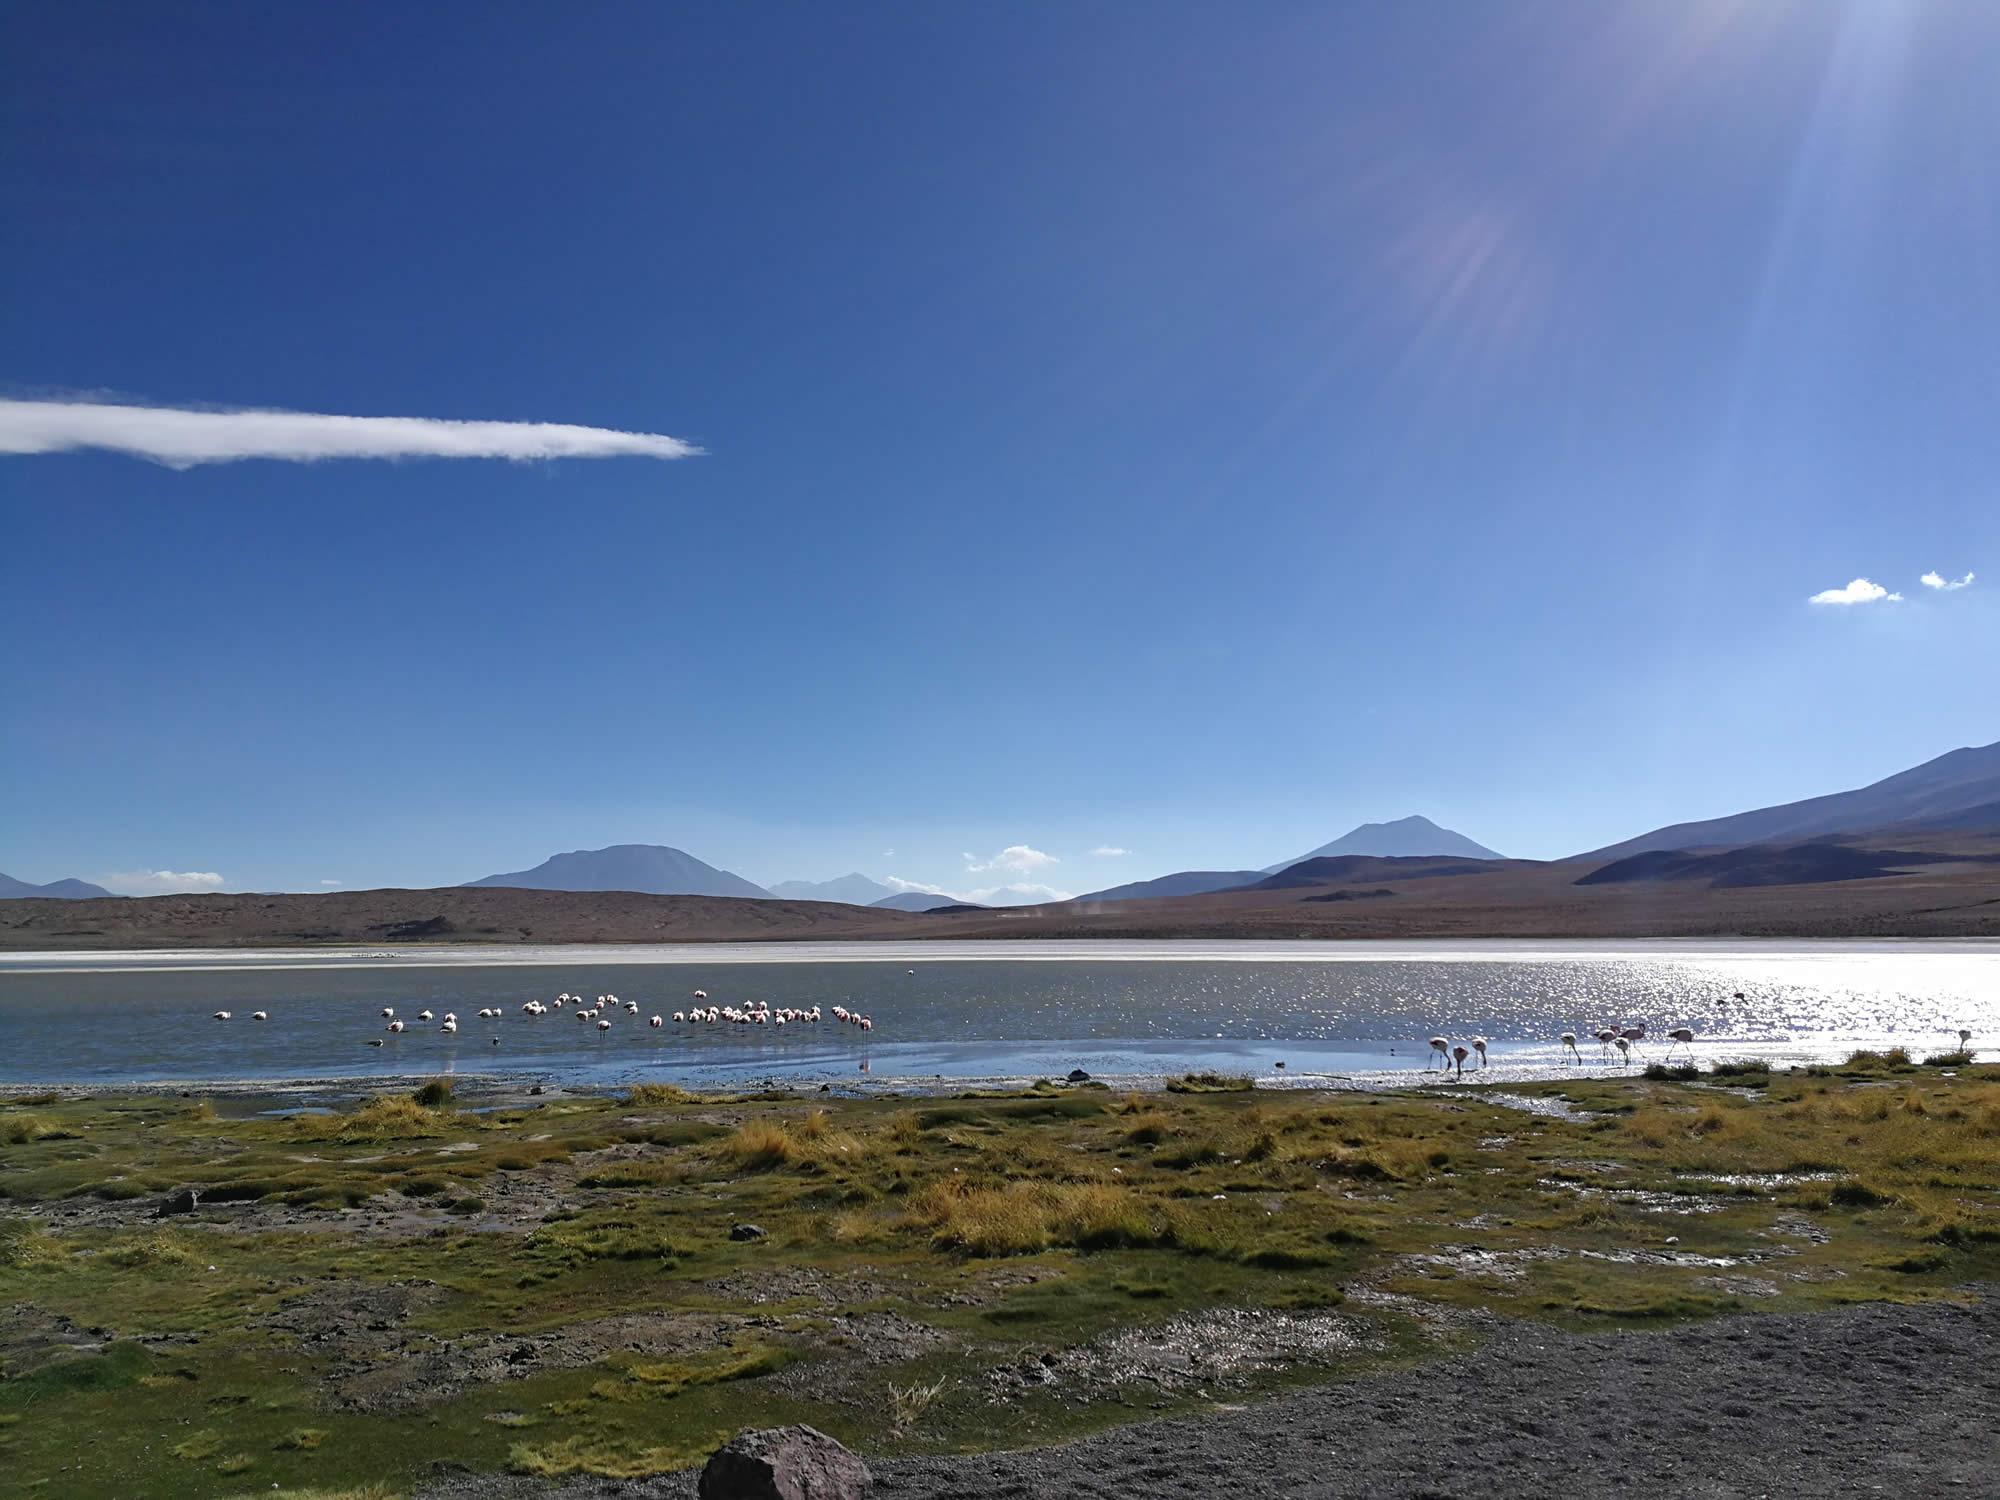 Tour Privado Salar de Uyuni y Lagunas Menores - Ruta de las Joyas Alto Andinas, Uyuni